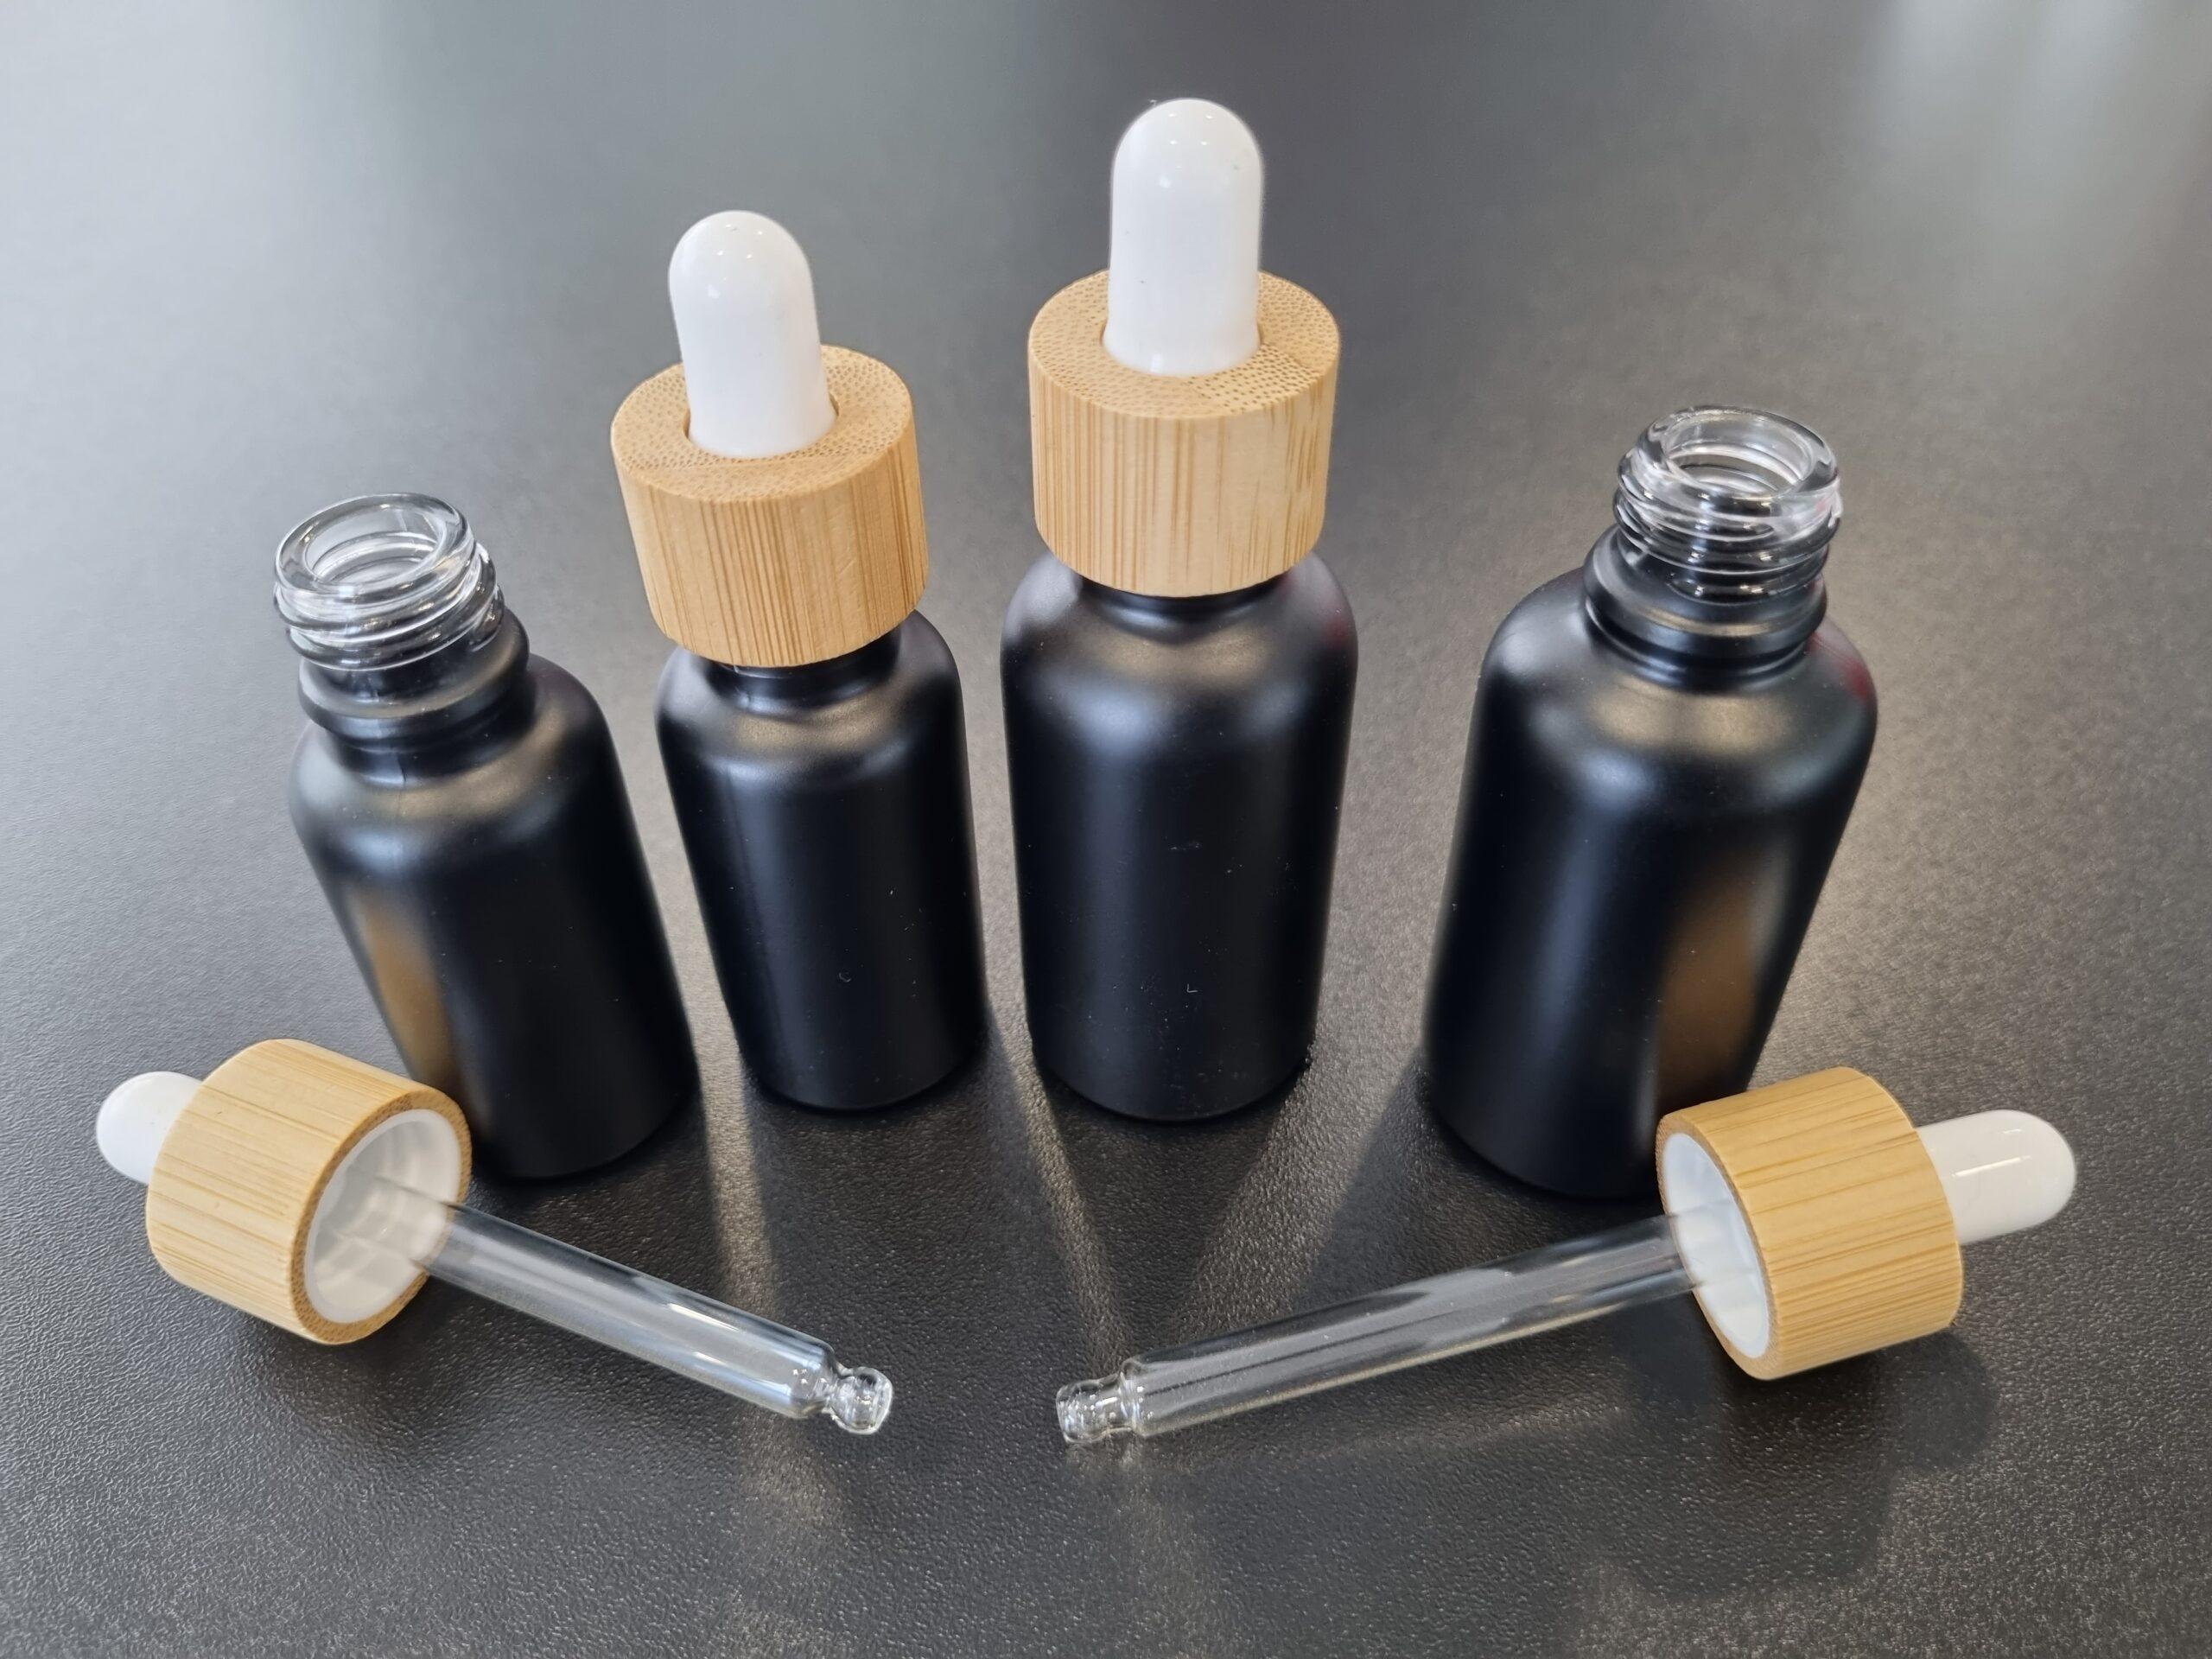 Farmacevtske stekleničke 20 ml in 30 ml z EKO kapalkami, ki imajo pokrovčke iz bambusovega lesa namesto iz plastike